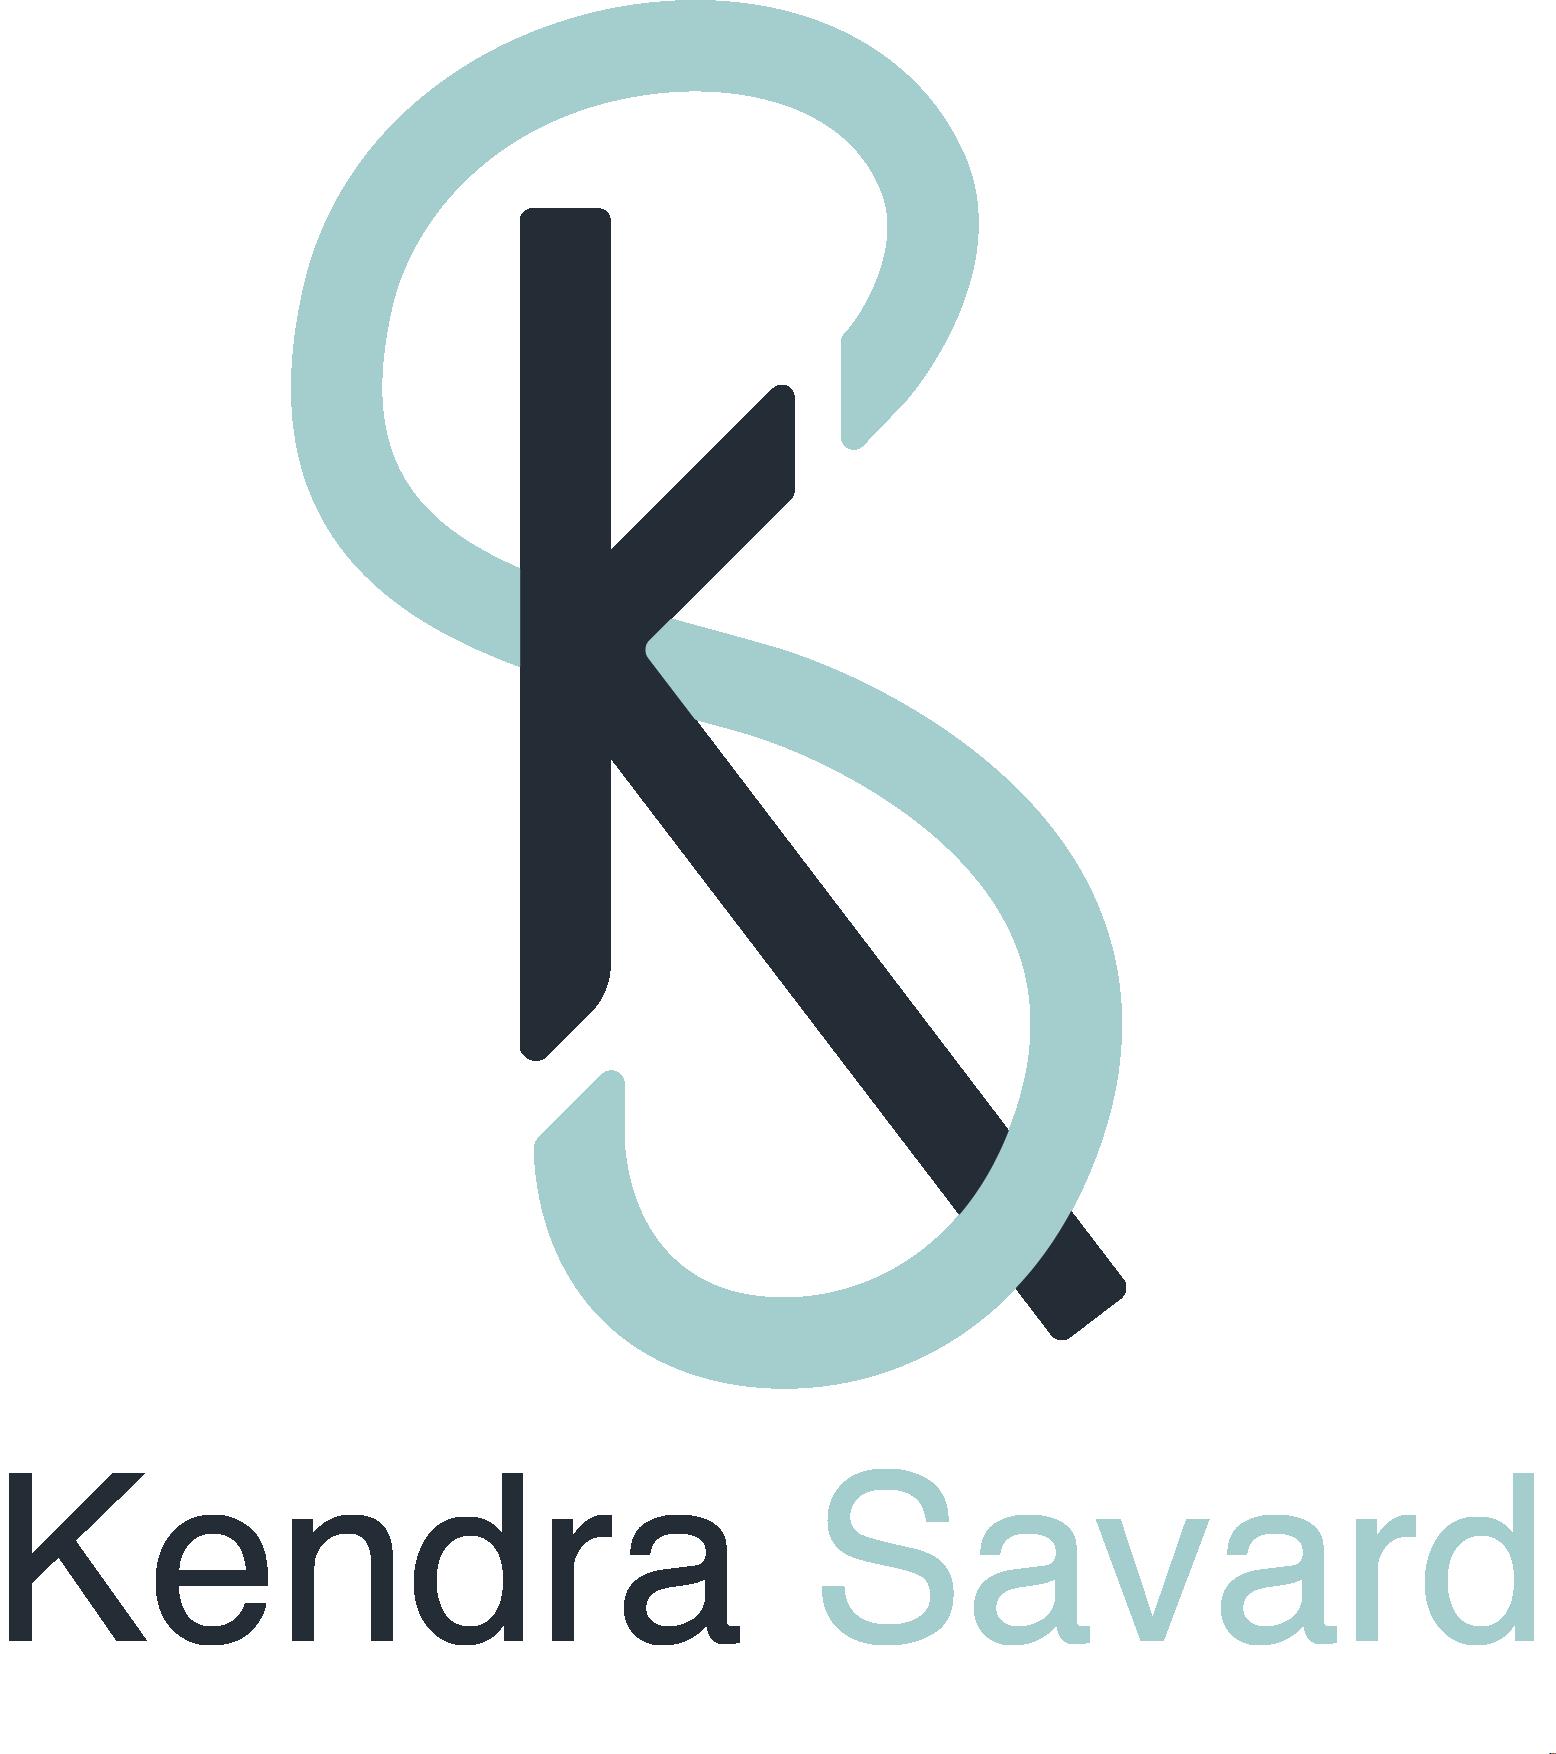 Kendra Savard